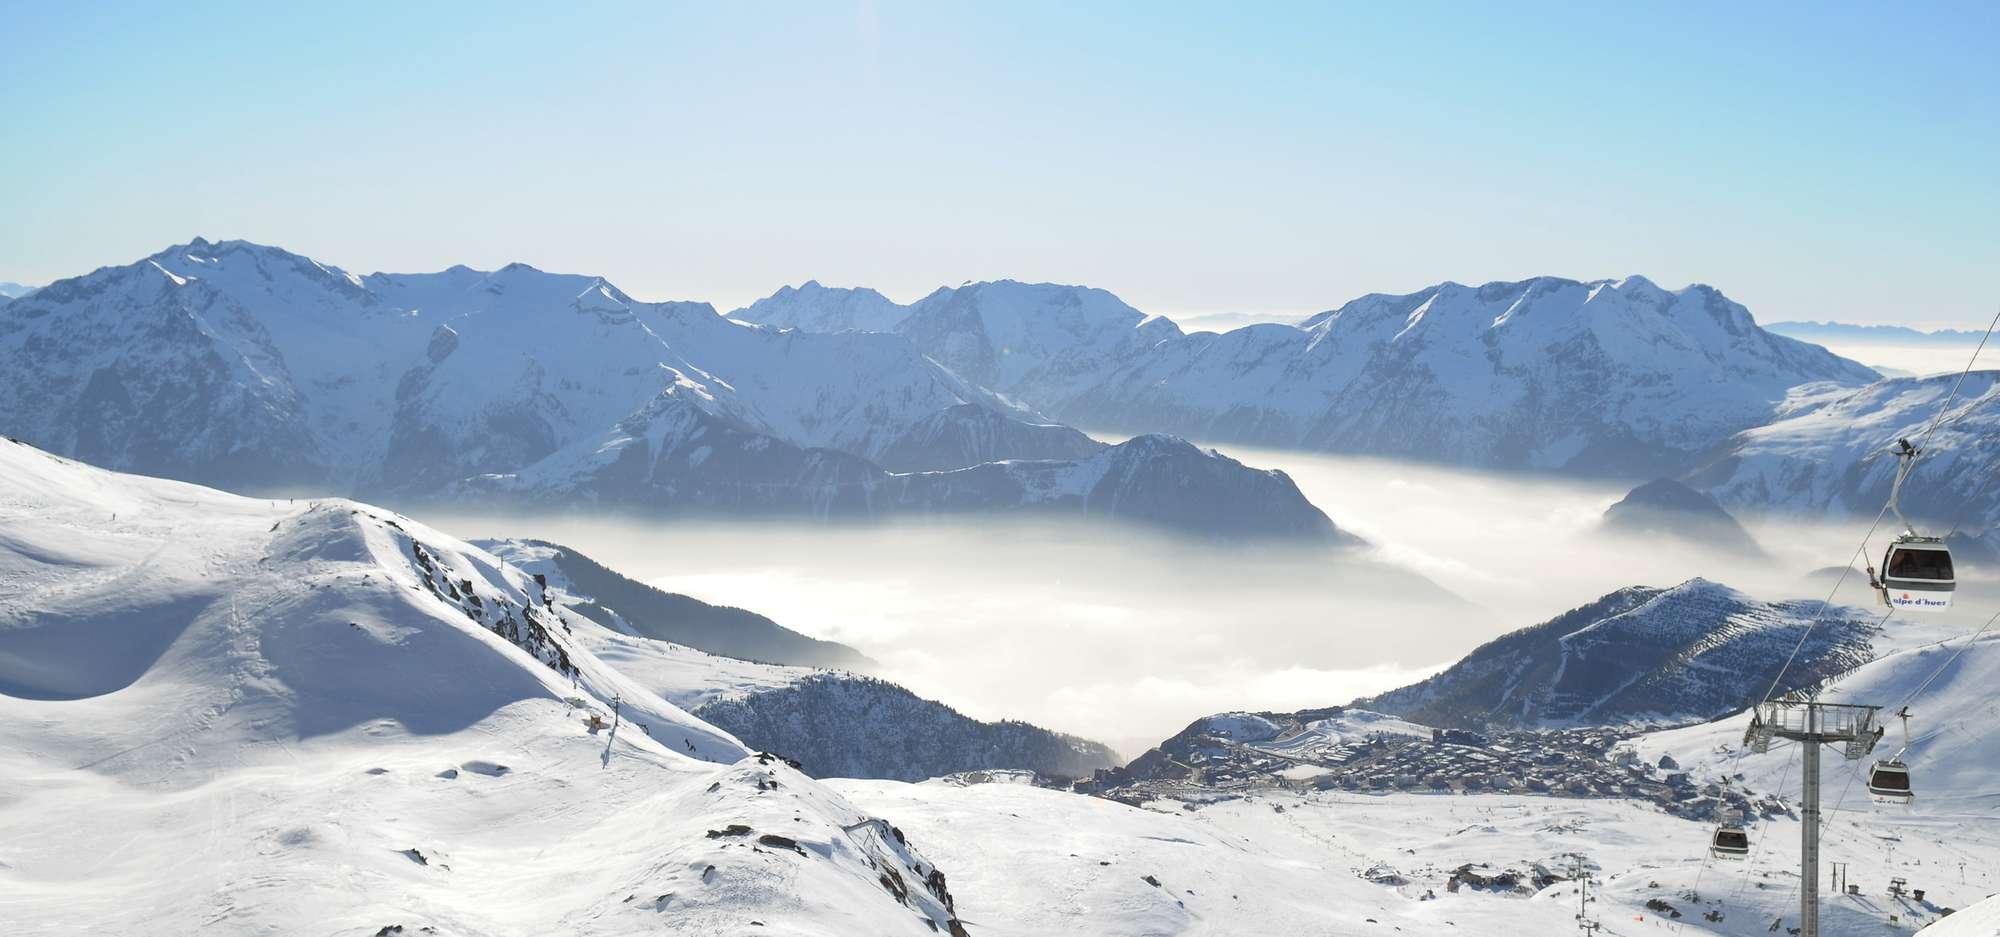 Насладитесь сиянием Южных Альп